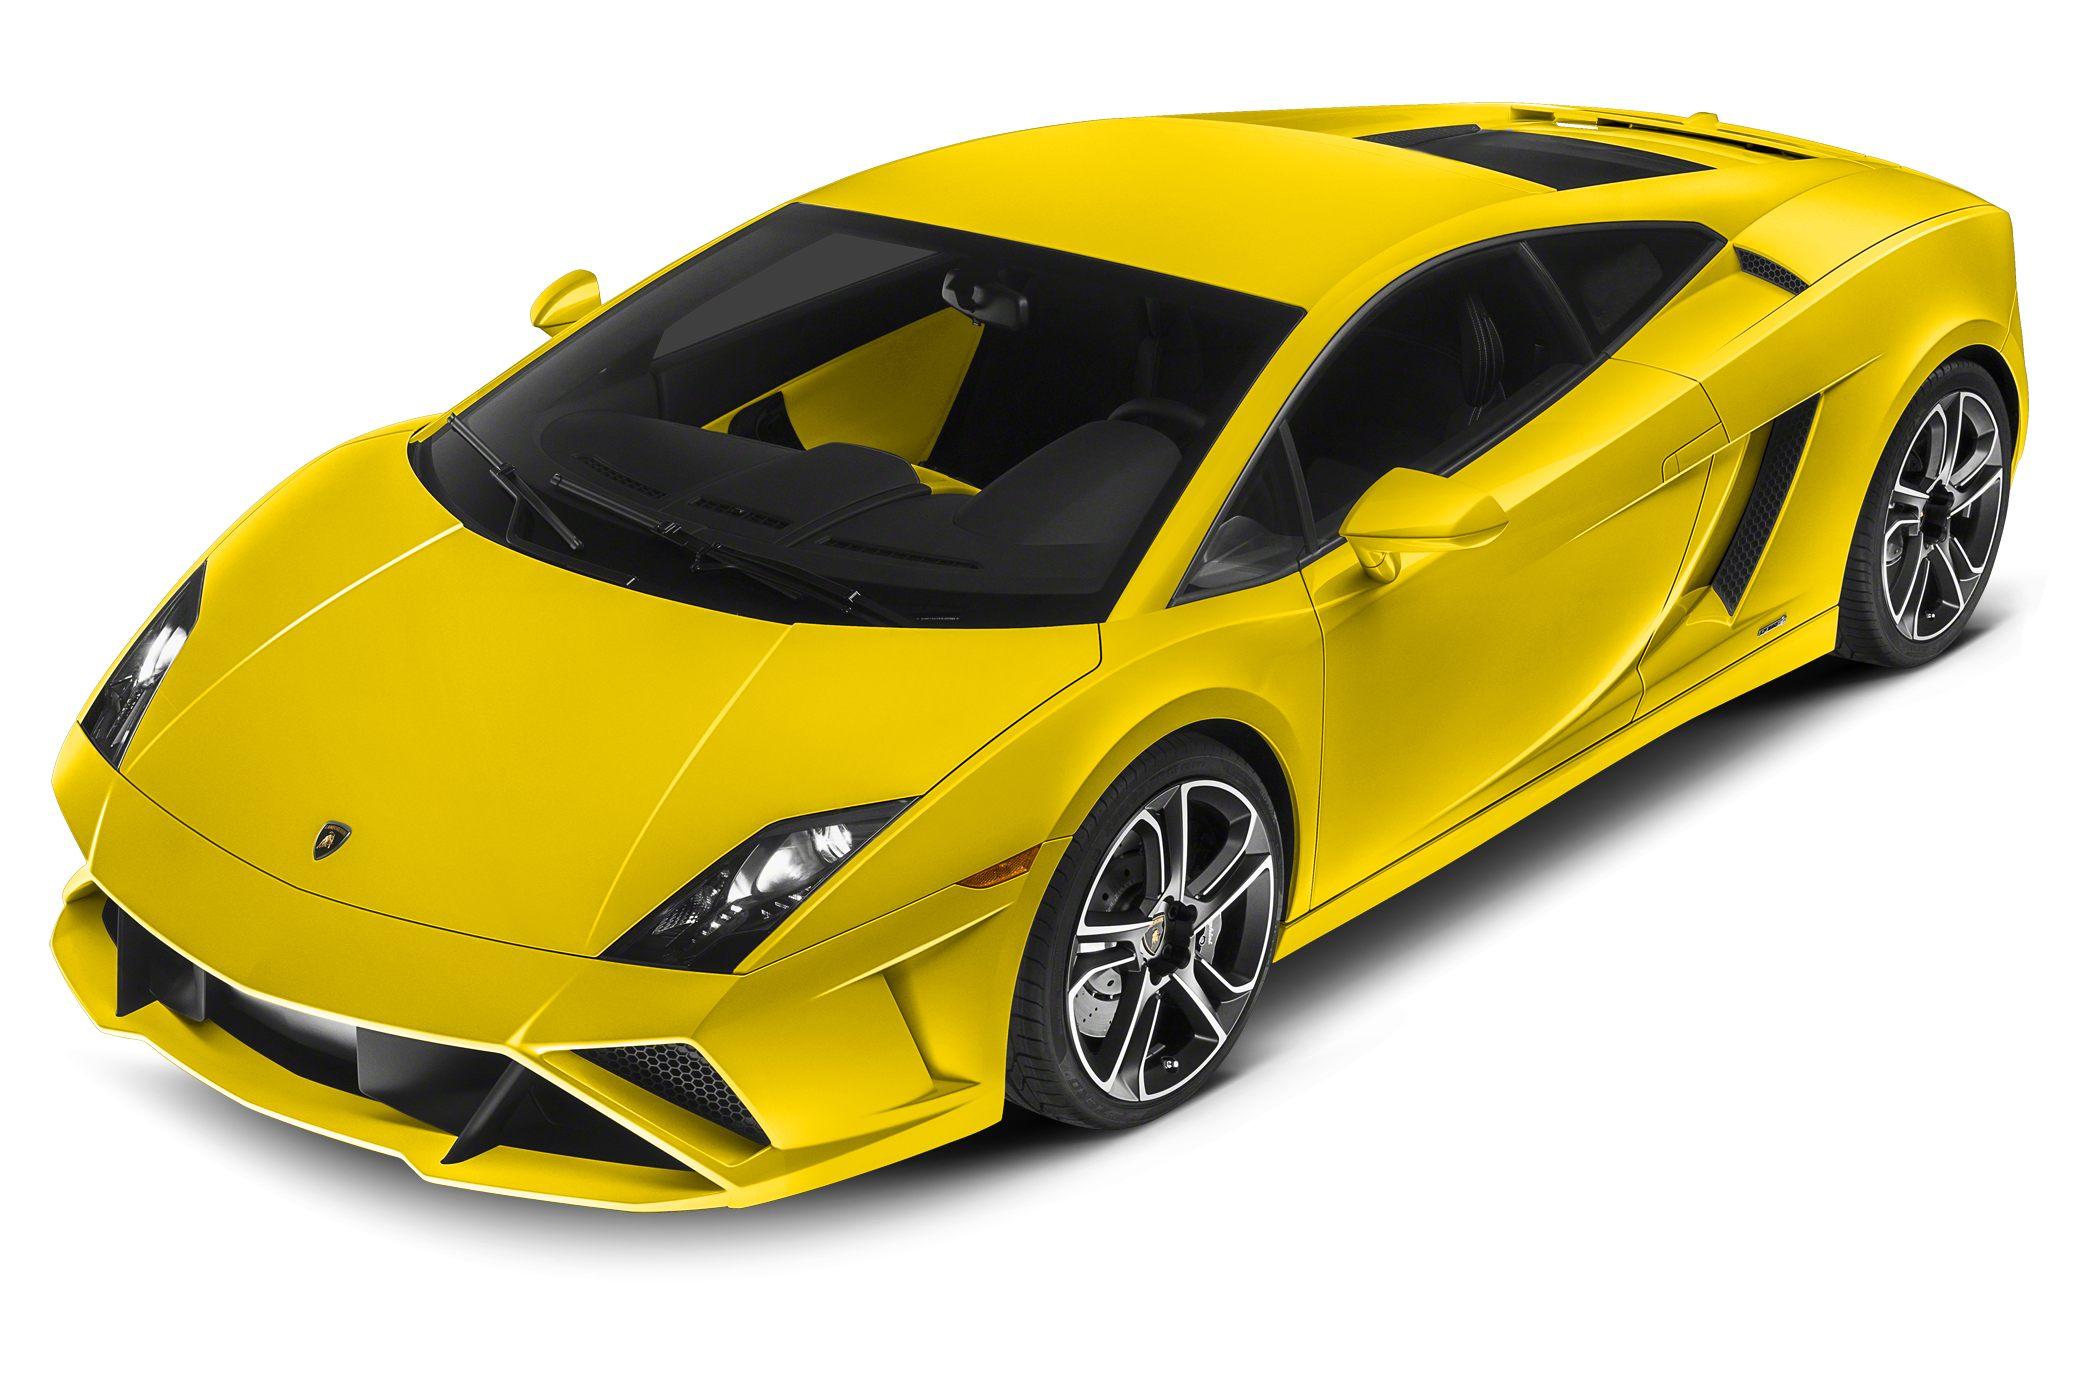 2013 Lamborghini Gallardo Lp560 4 2dr All Wheel Drive Coupe Specs